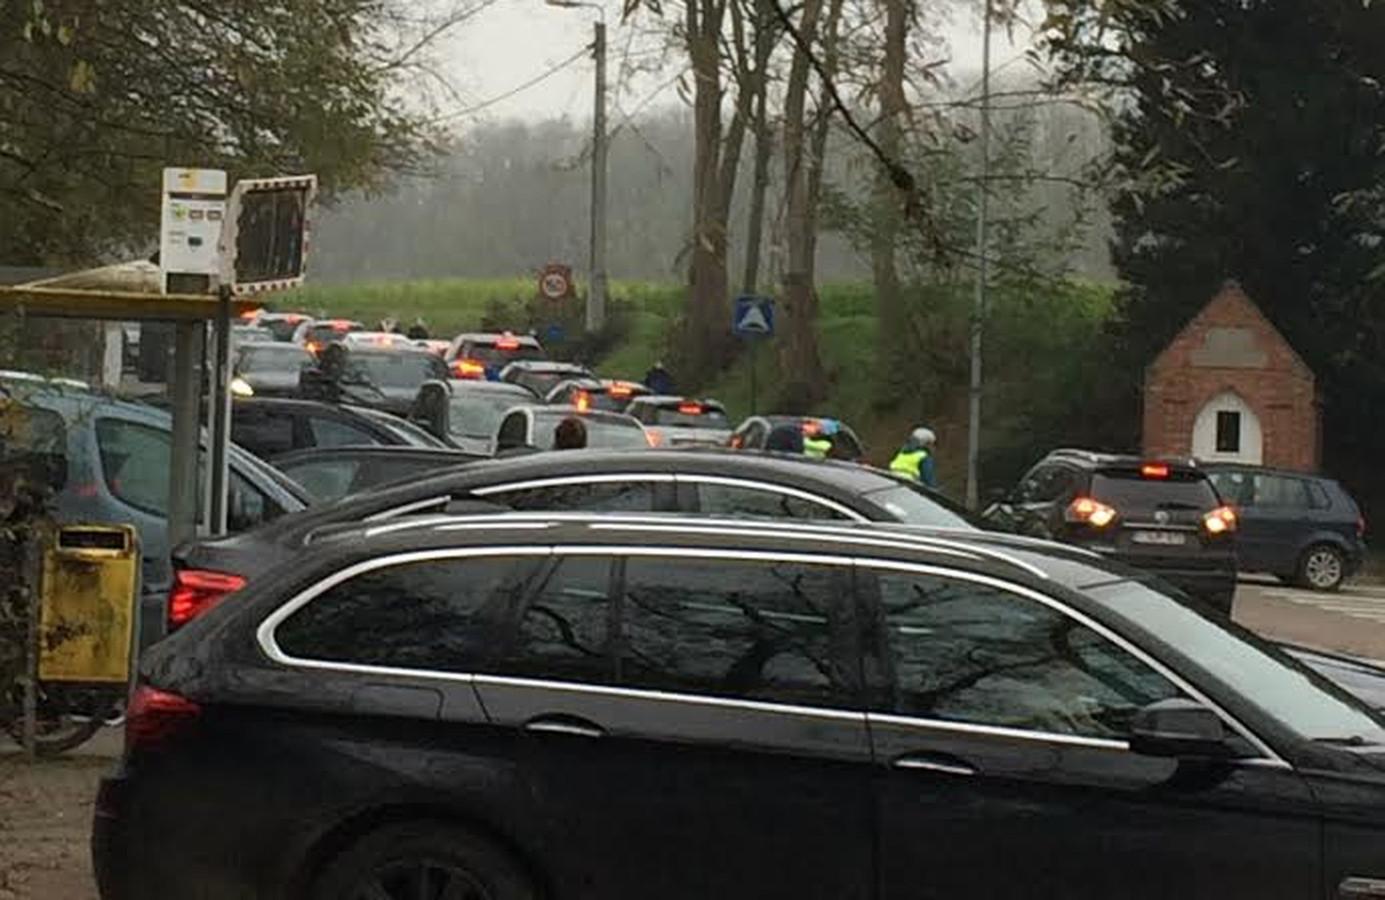 Drukte ter hoogtre van de Bosberg en de Waversesteenweg in Meldert. De auto's staan ook op de fietspaden, wat problemen geeft voor zwakke weggebruikers.